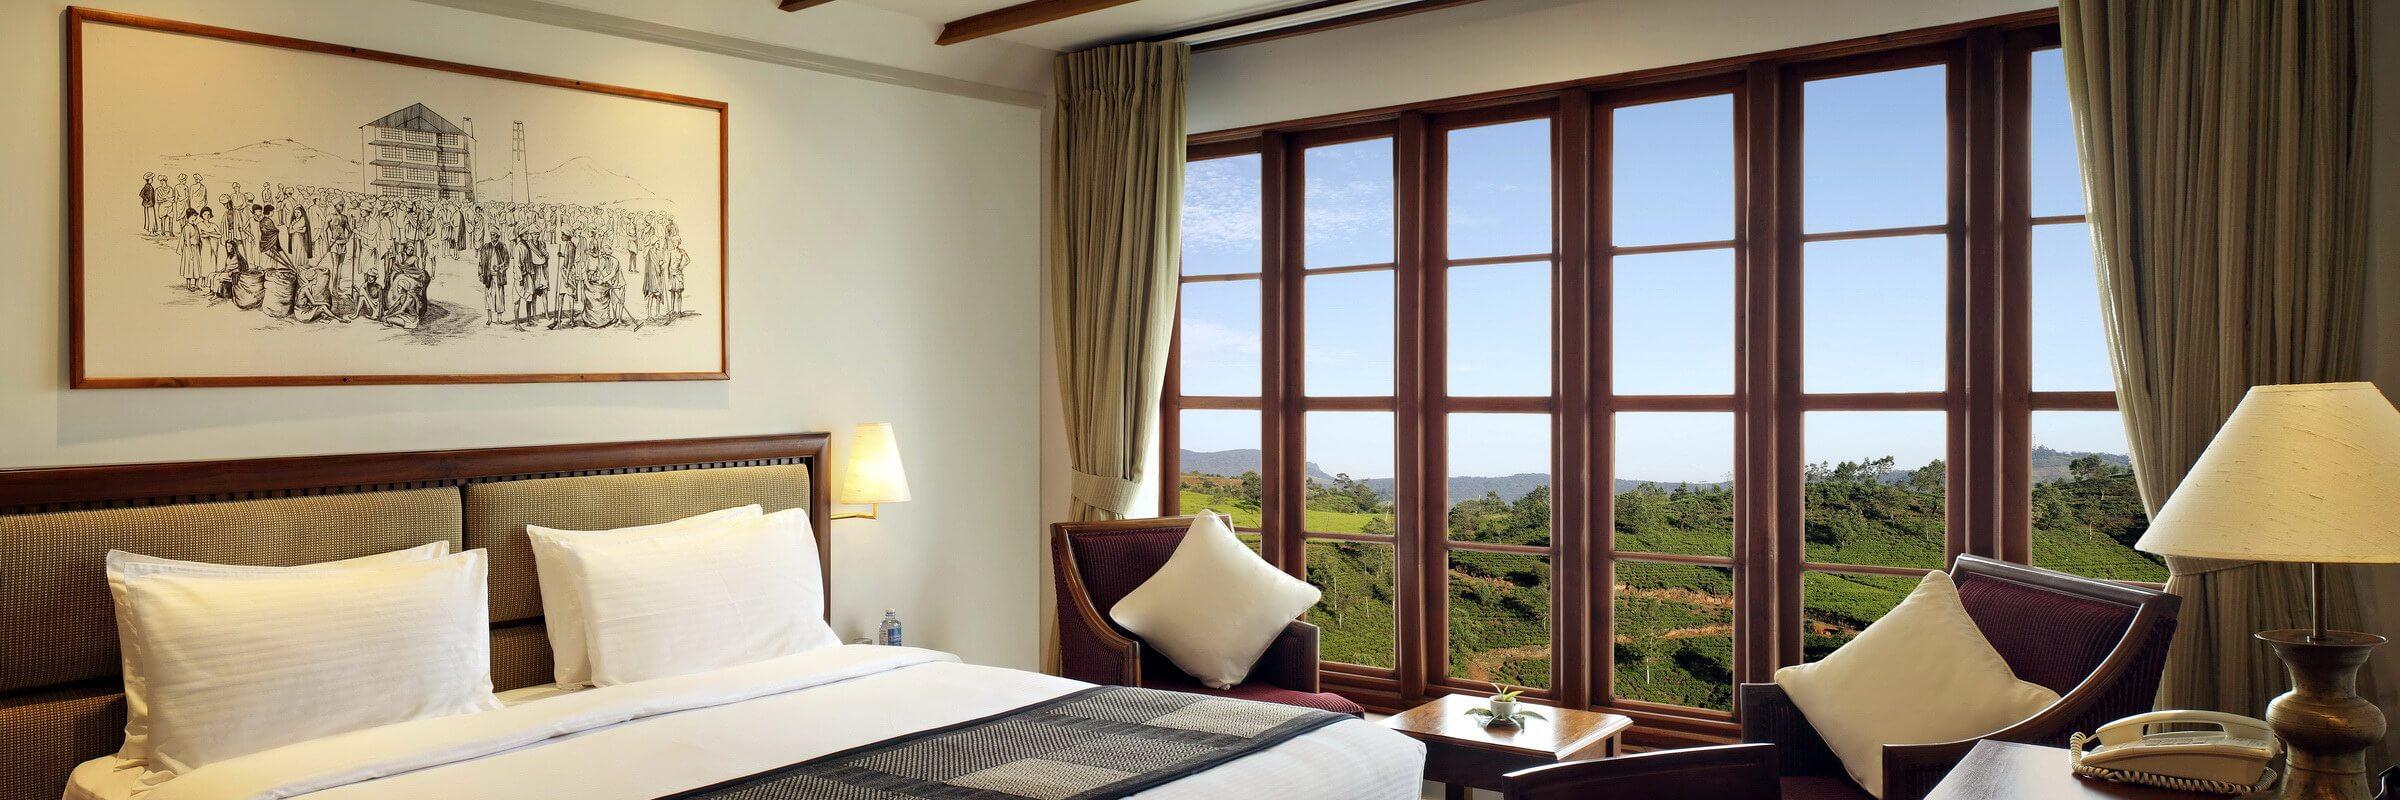 Die Innenansicht der luxuriösen Premium Zimmer des Heritage Tea Factory Hotels in Nuwara Eliya